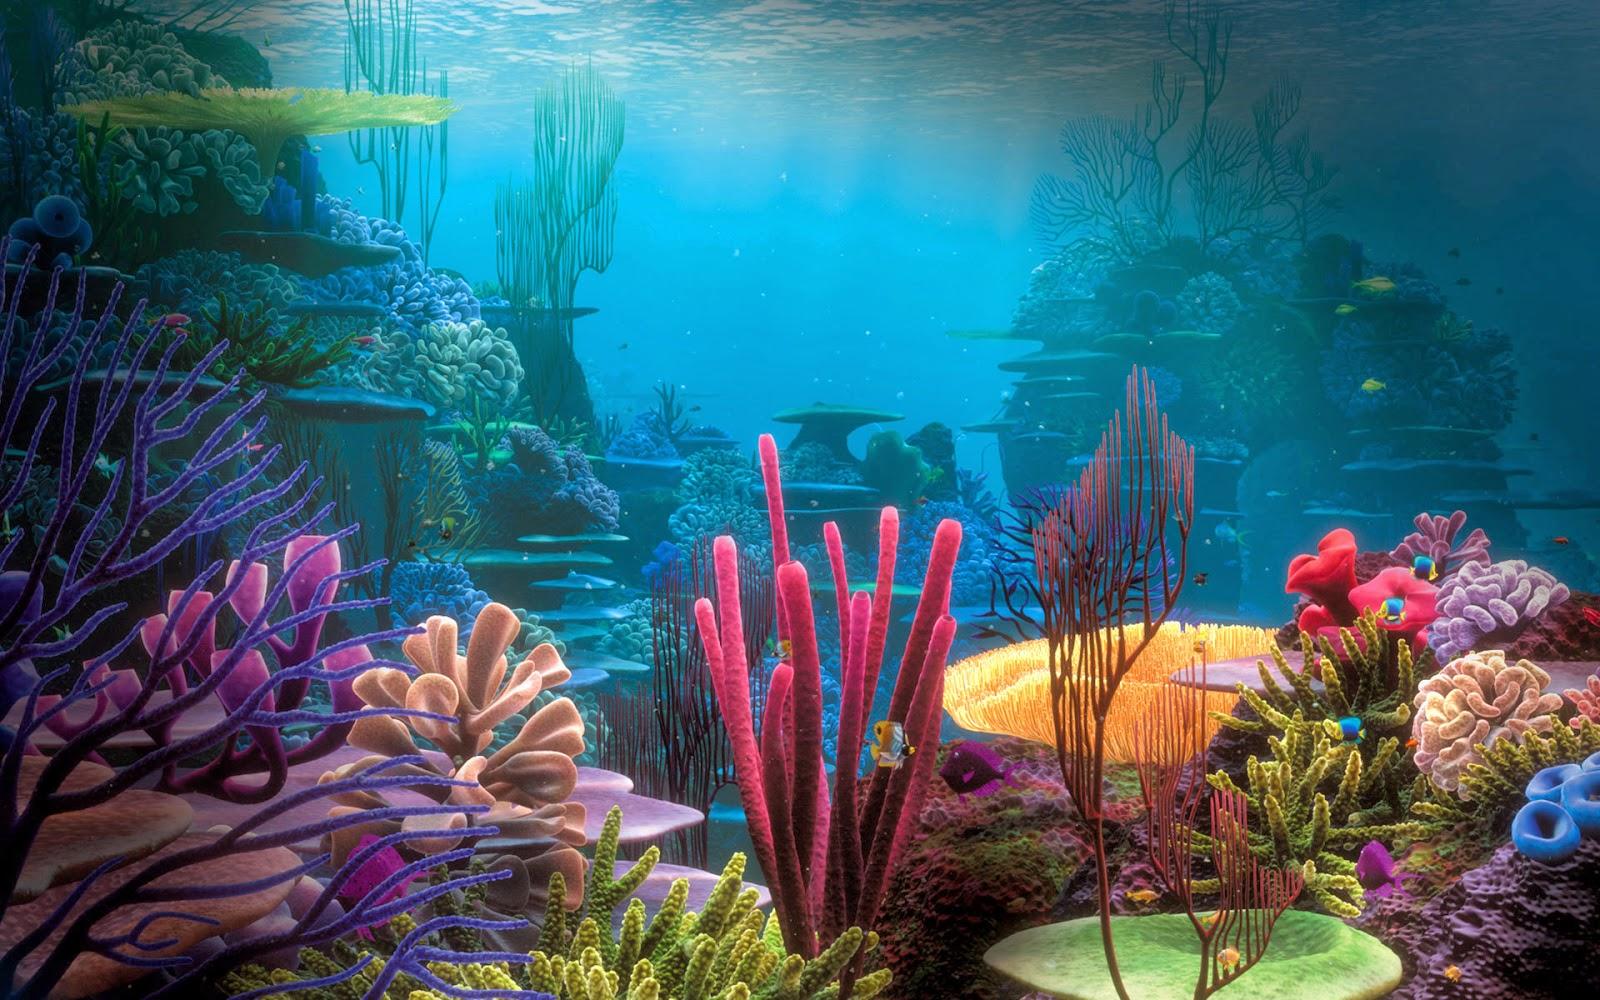 mercanlar tehlikede